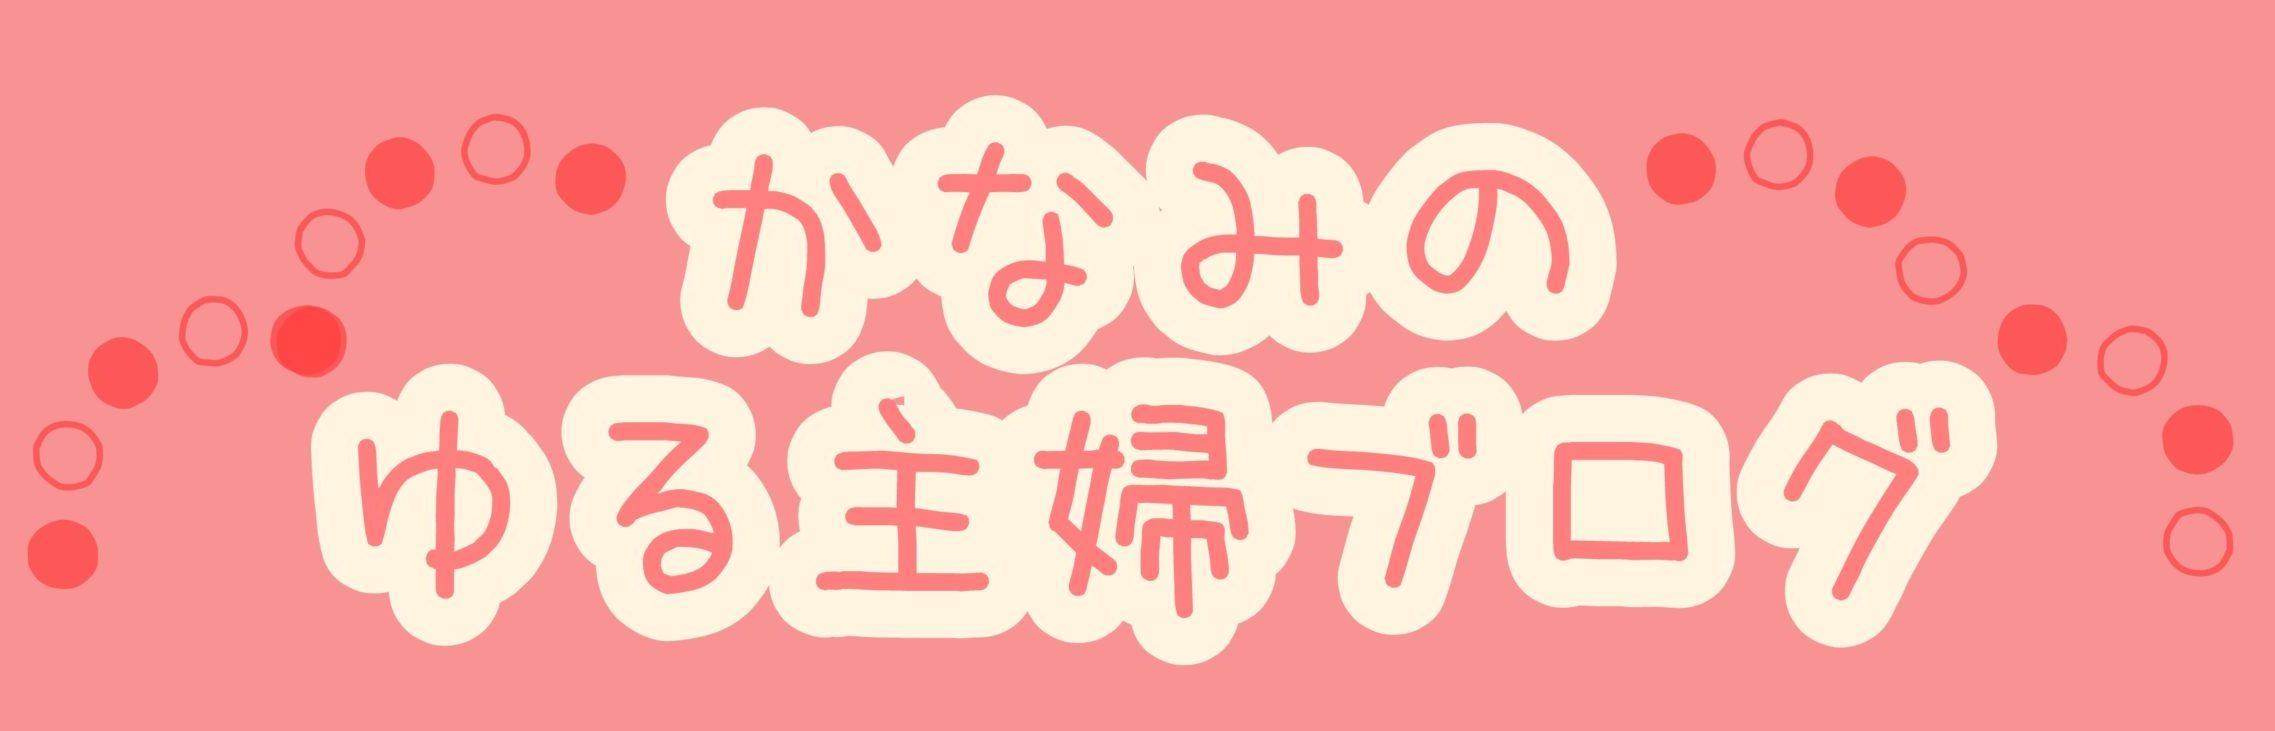 かなみのゆる主婦ブログ